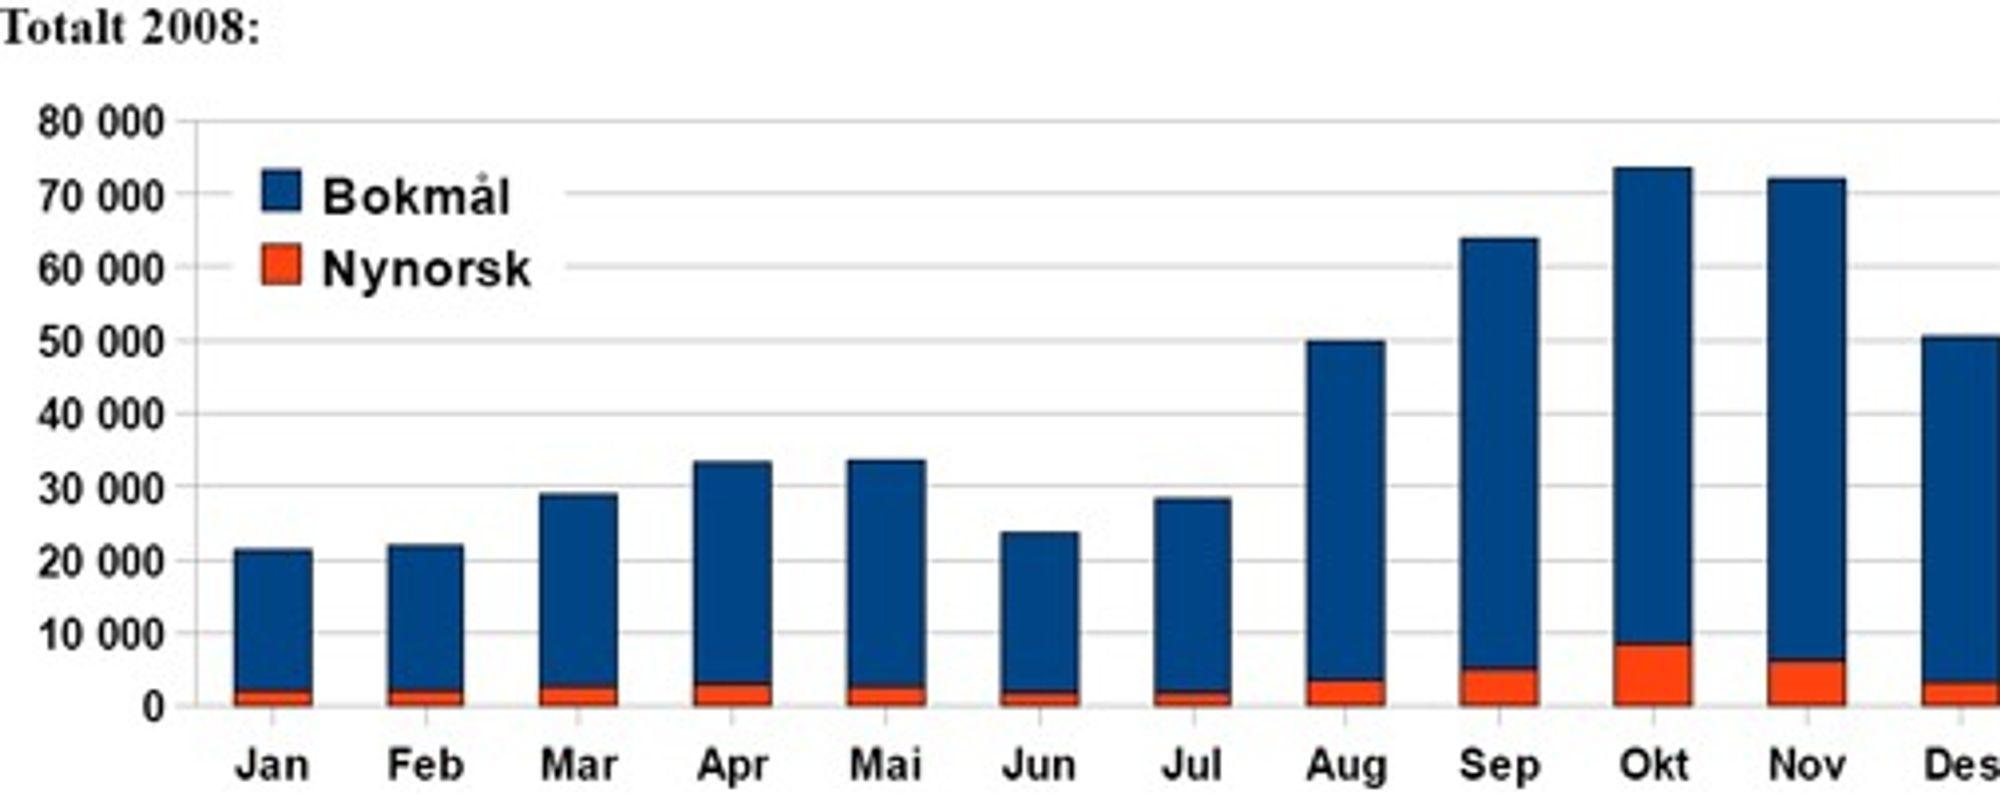 OpenOffice ble for første gang lastes ned over en halv million ganger i norsk språkdrakt i 2008. (Kilde: stiftelsen Åpne kontorprogram på norsk)